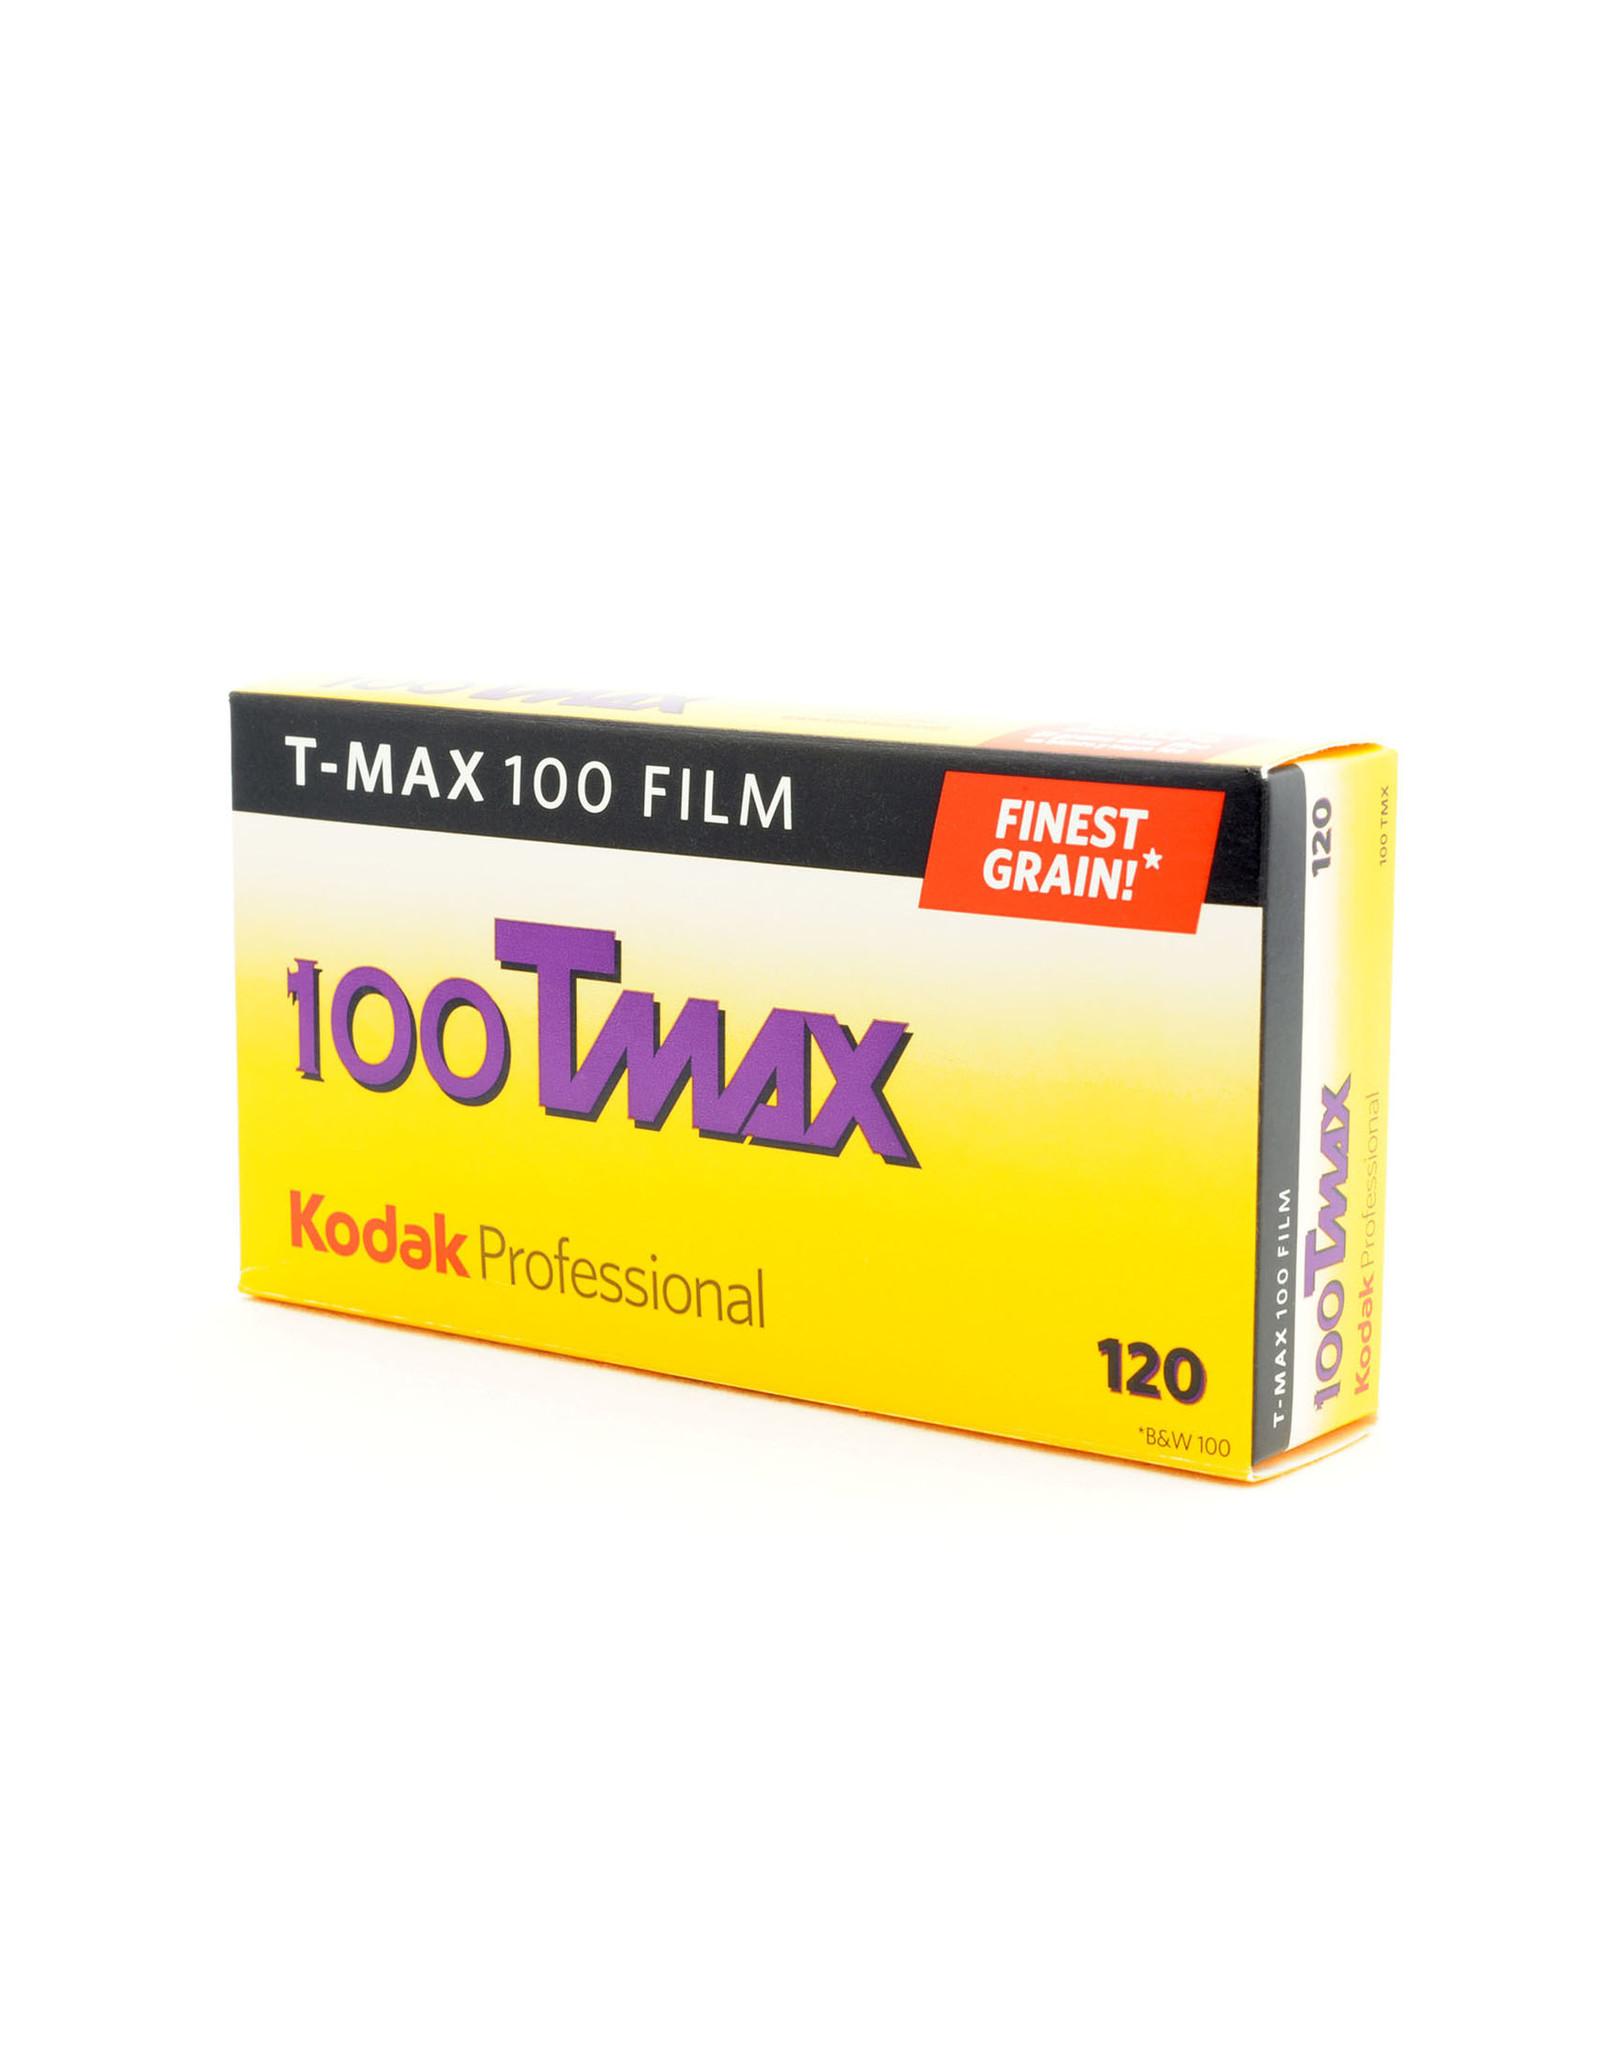 Kodak Kodak T-Max 100 (120) Roll Film